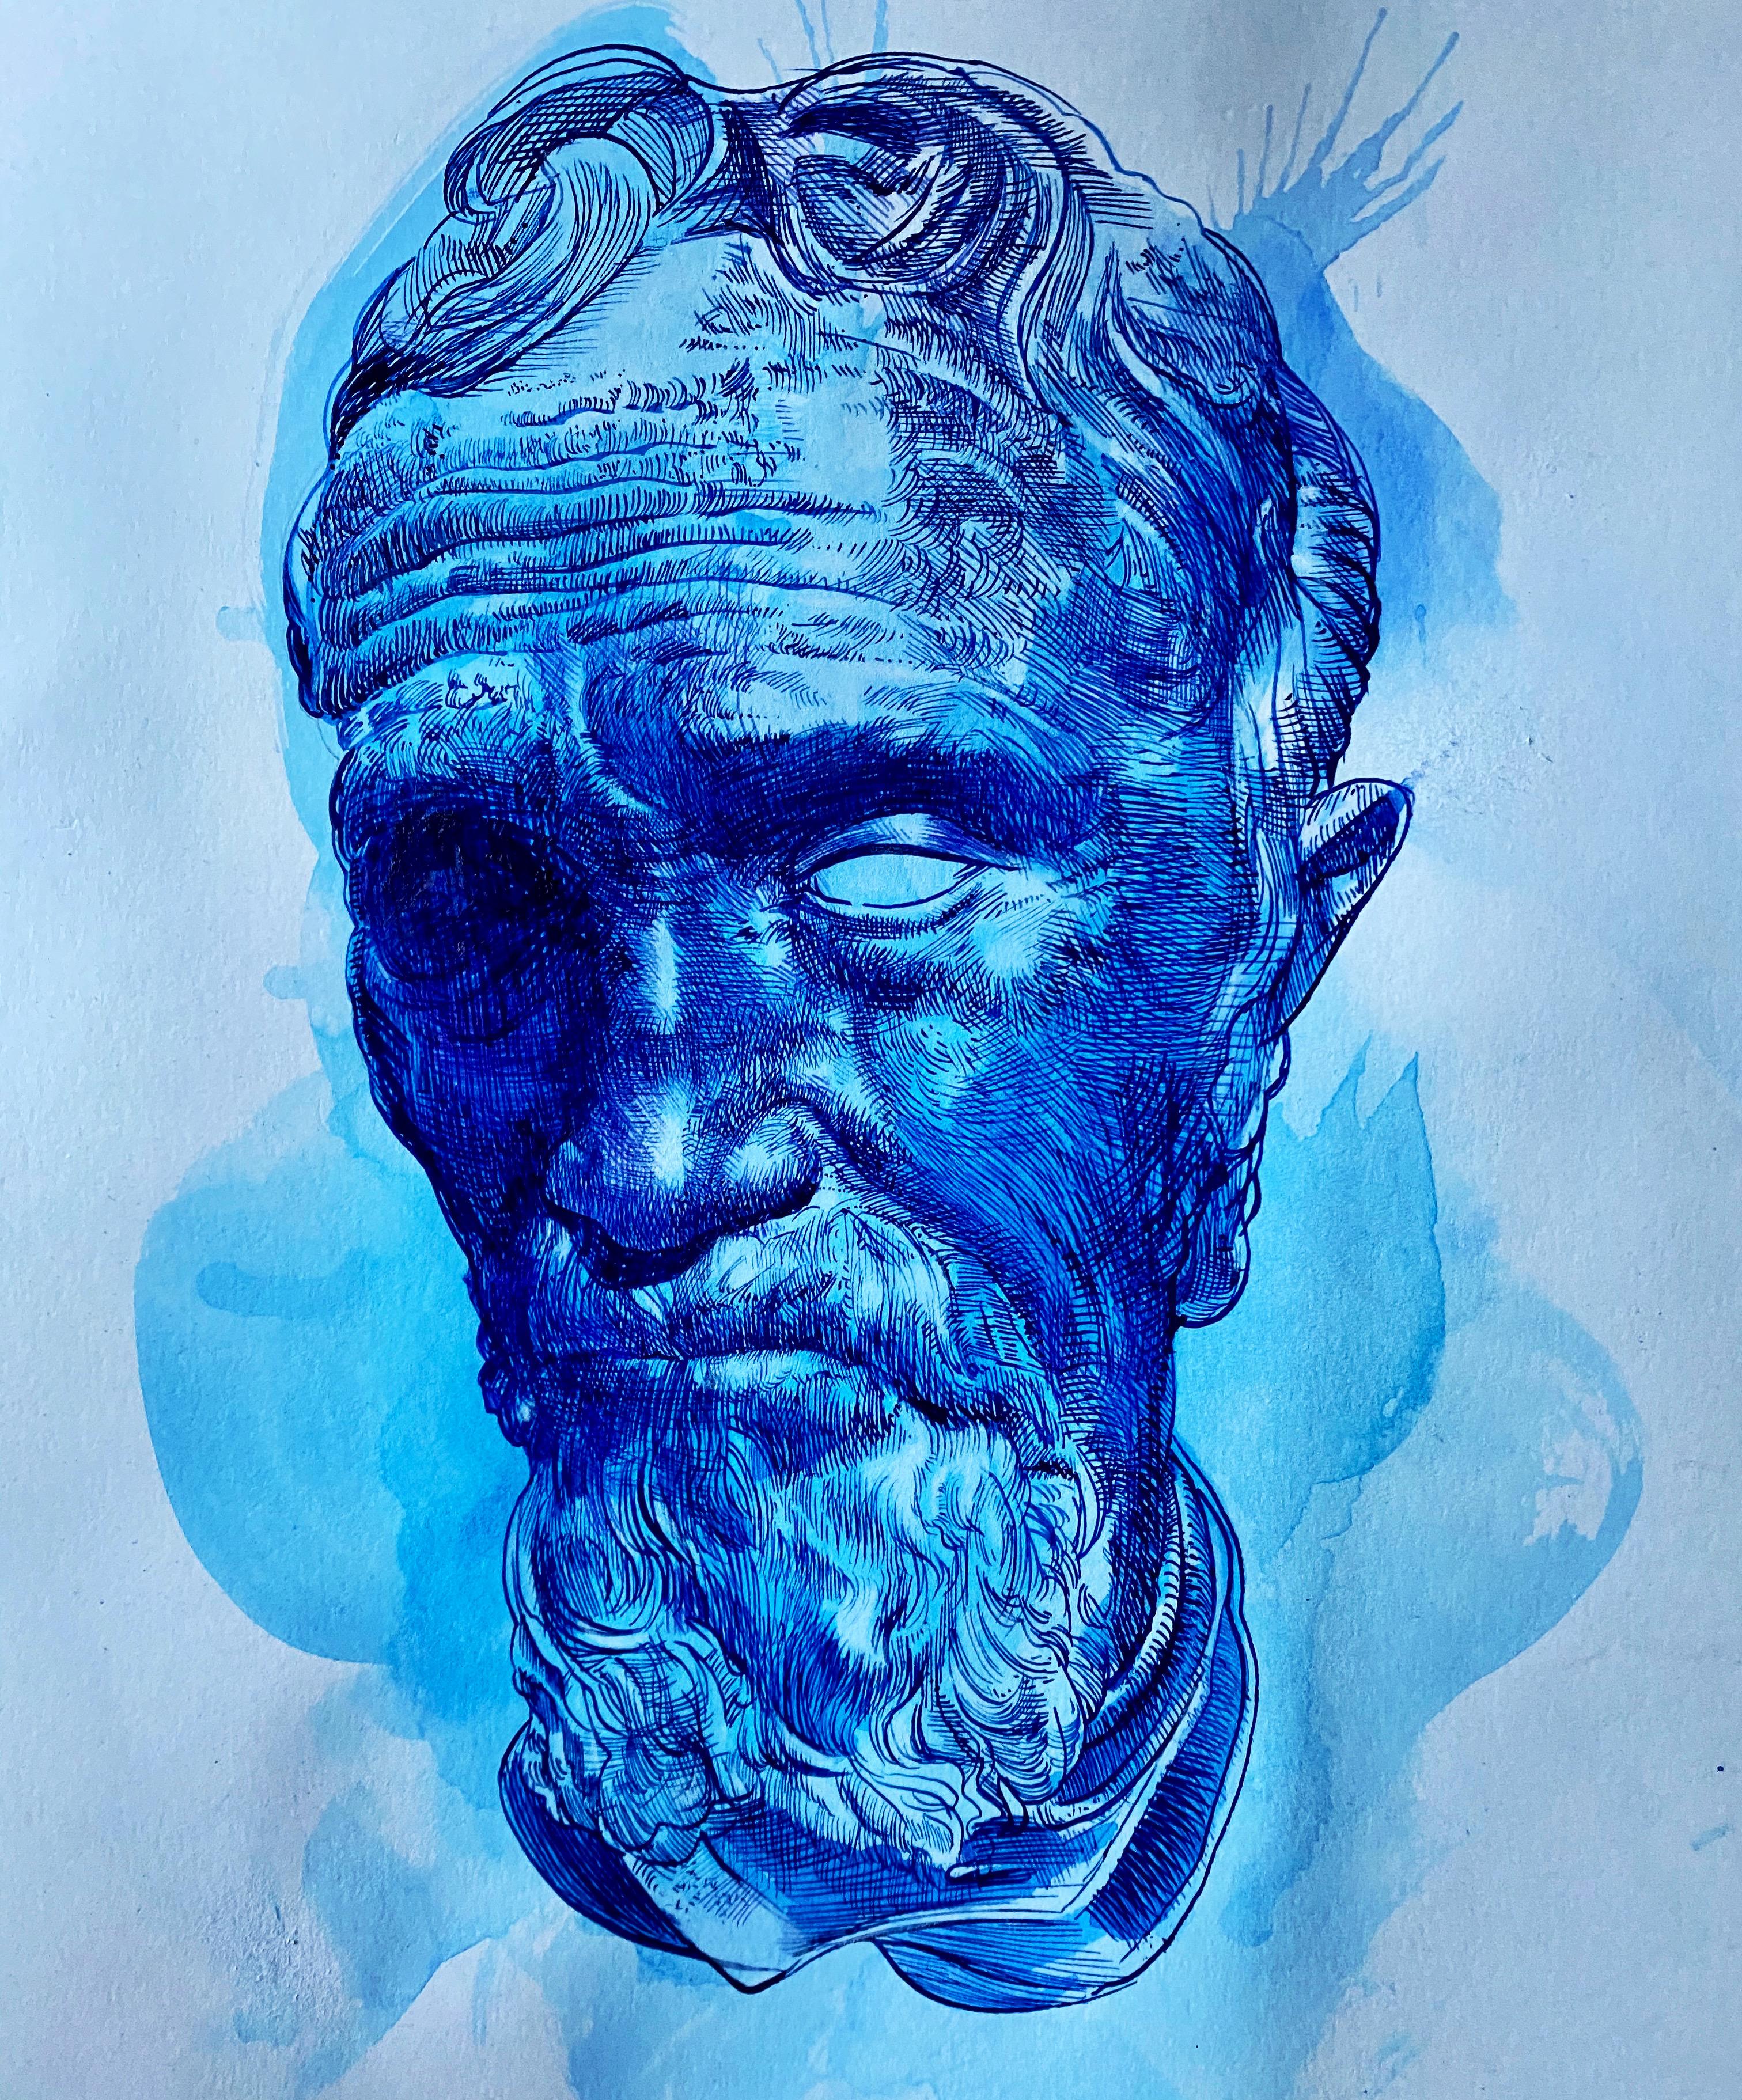 Michelangelo Bust in Blue